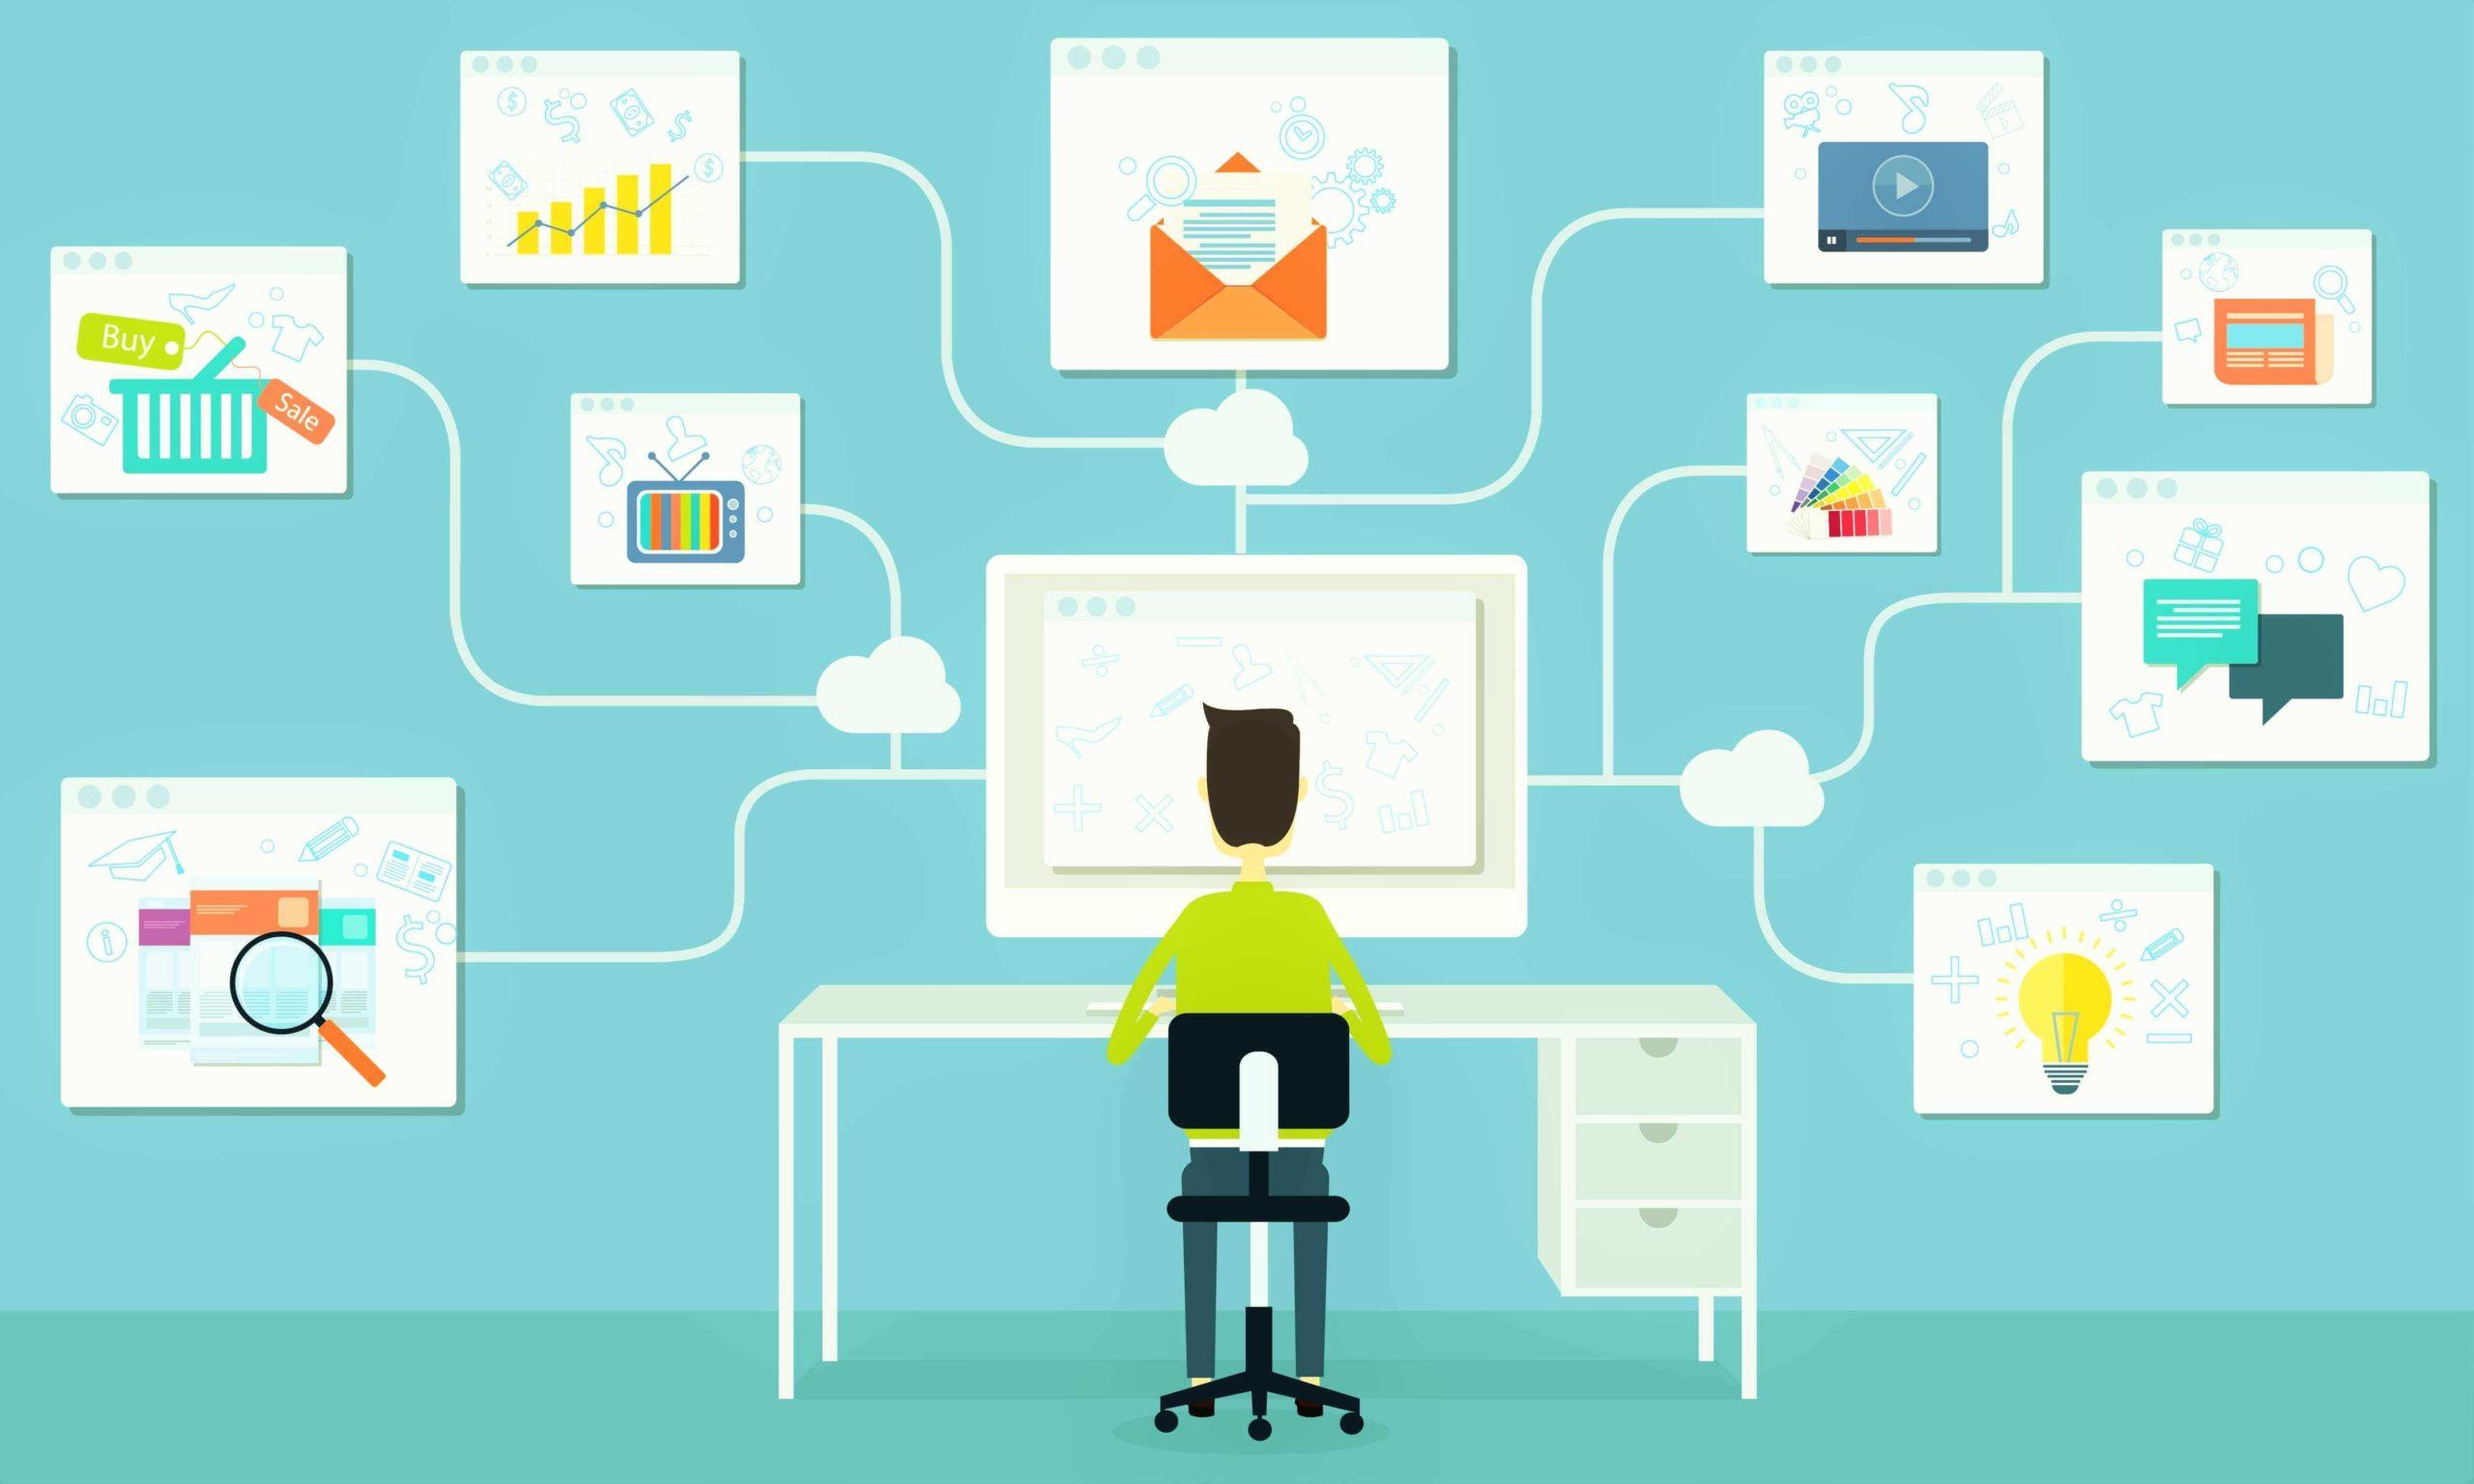 configurando campanha de mídia programática